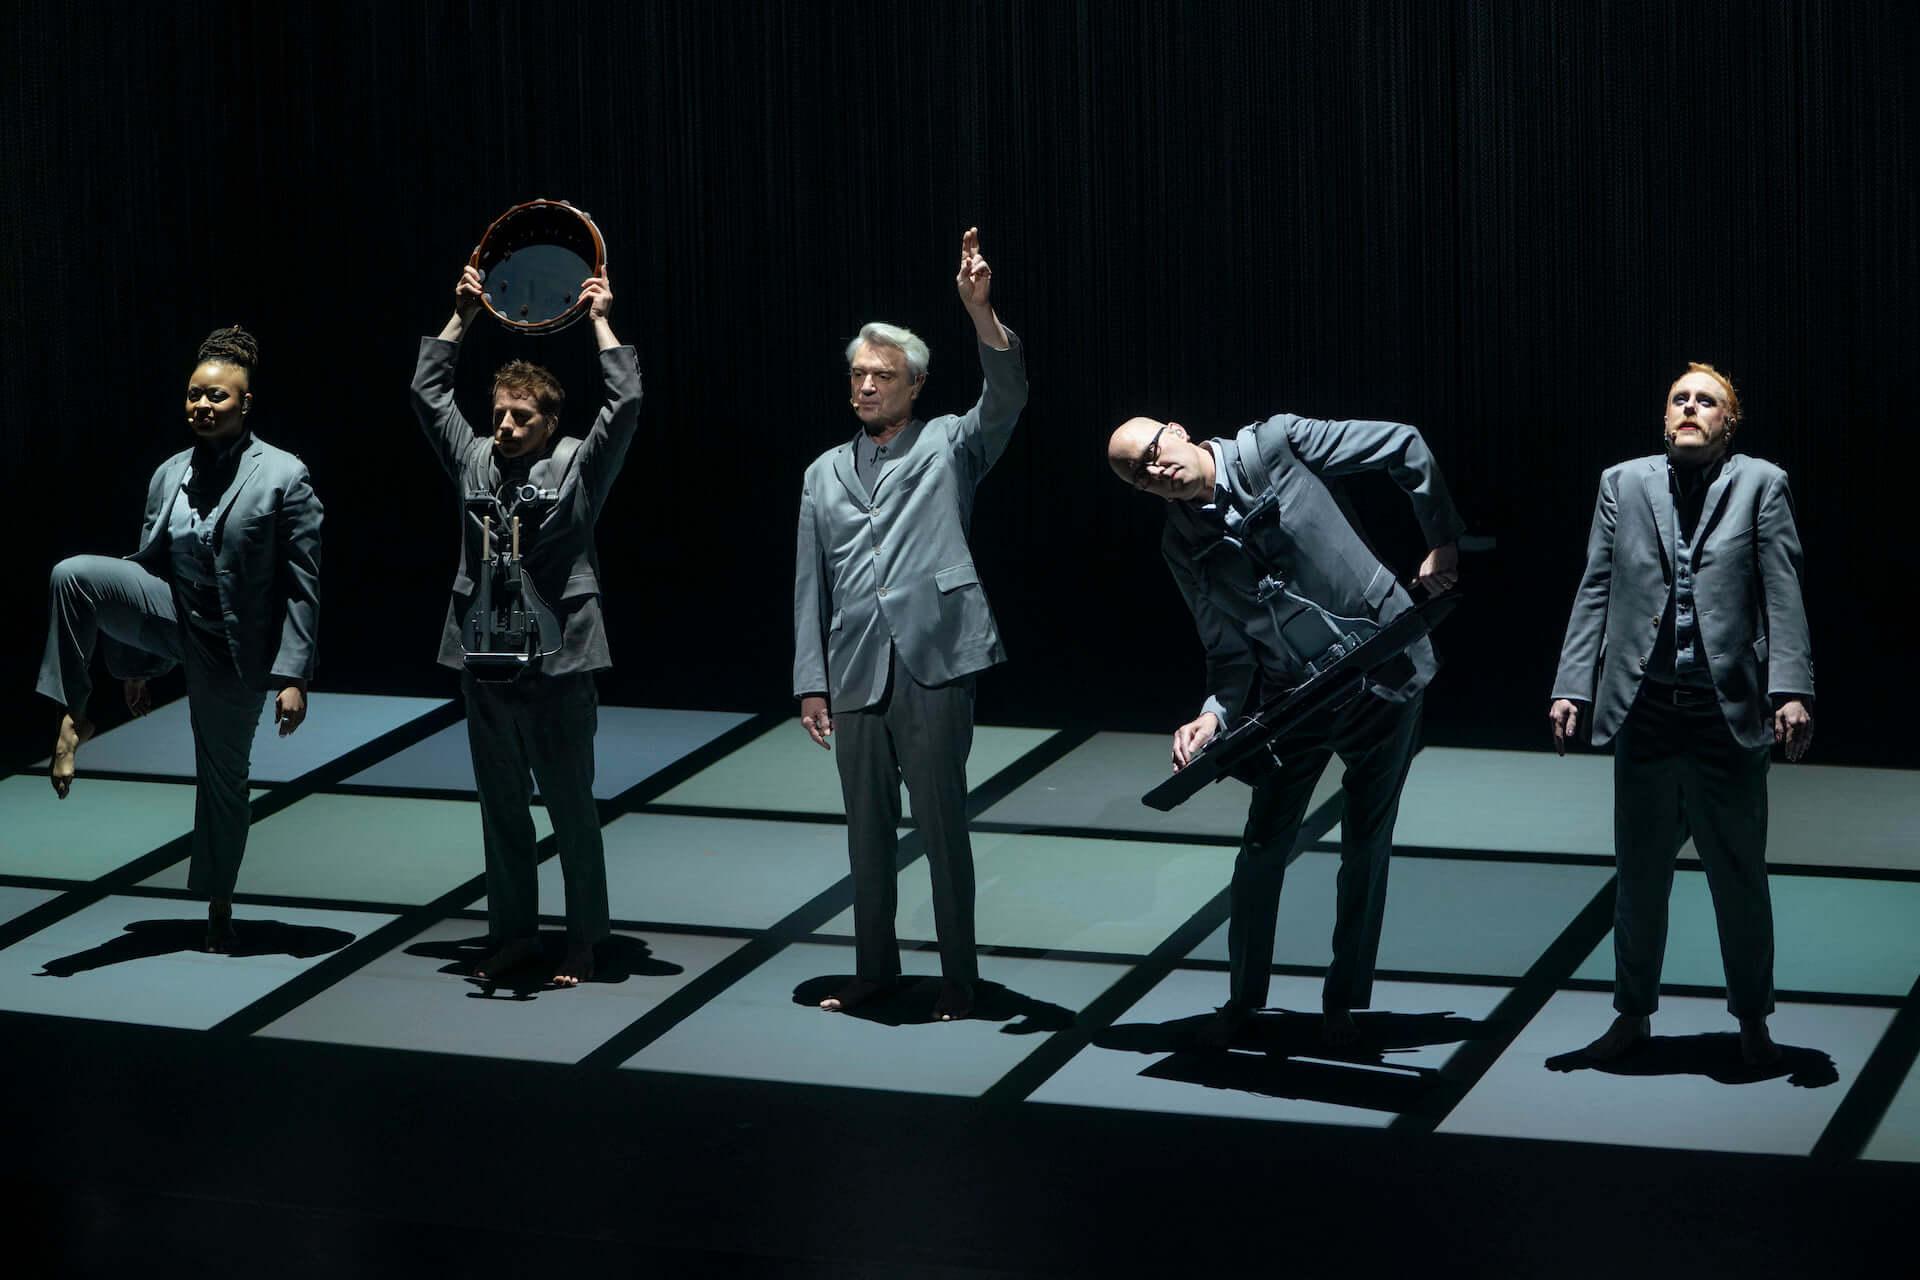 元Talking Heads・David Byrneとスパイク・リー監督のコラボ映画『アメリカン・ユートピア』が日本公開決定!字幕監修はピーター・バラカン film210310_americanutopia_4-1920x1280